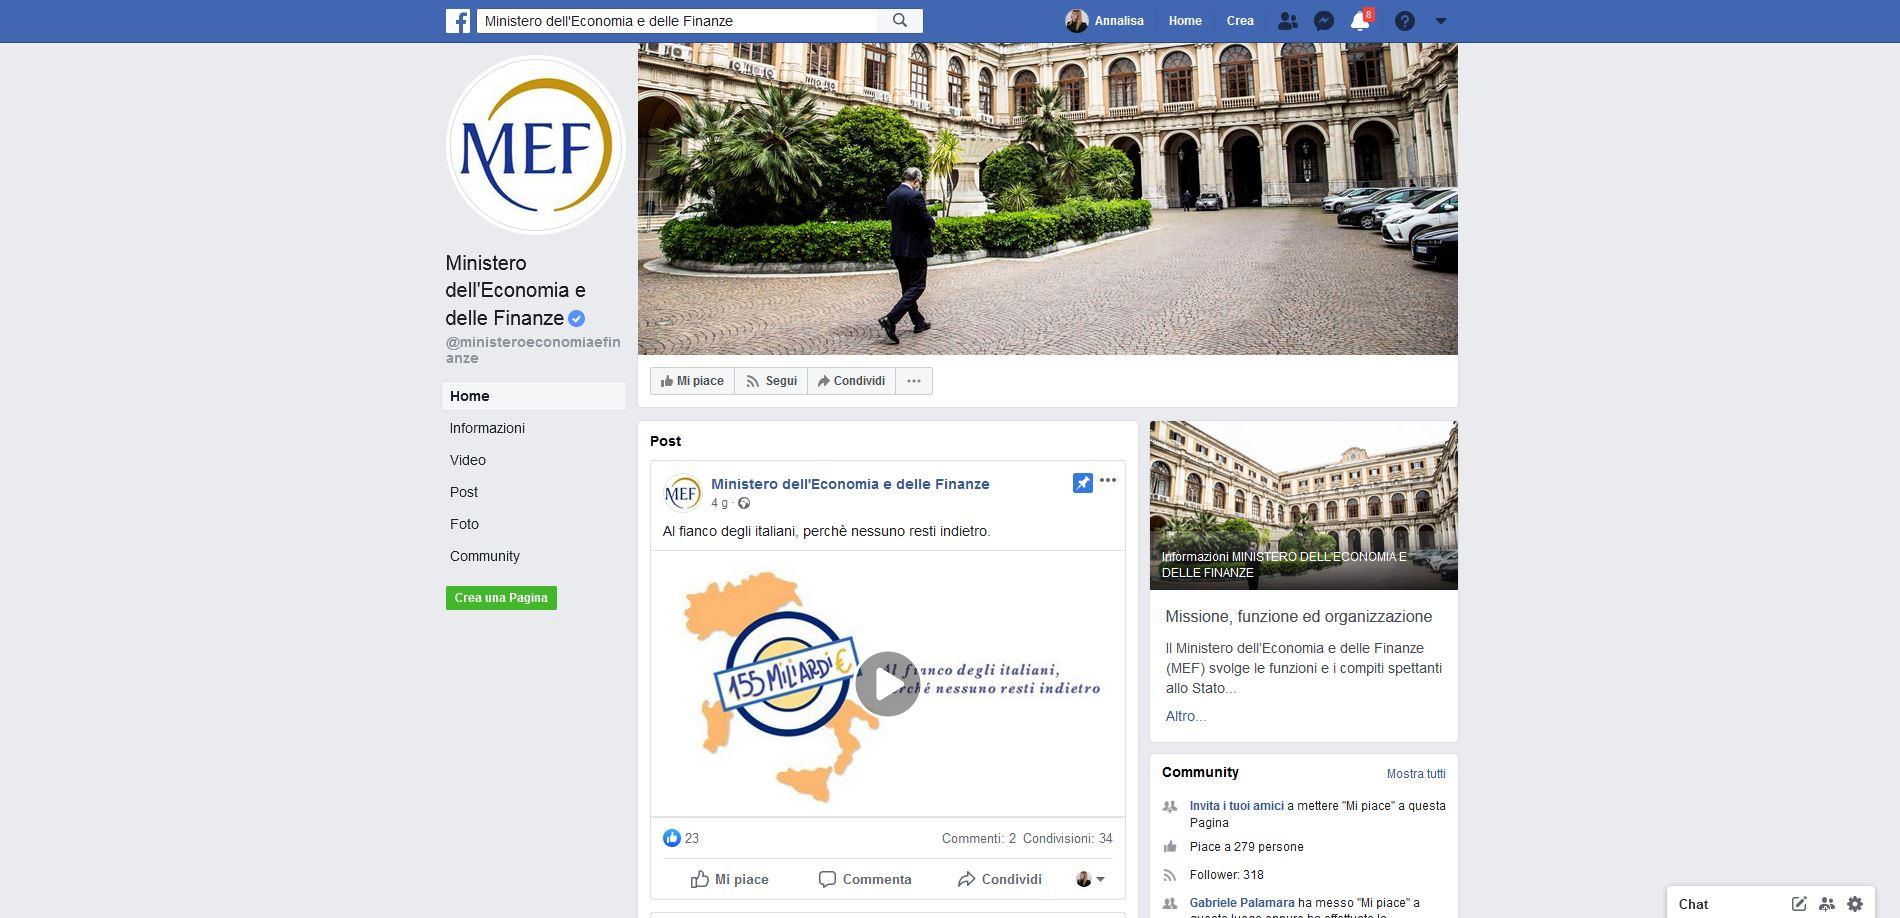 Il Ministero dell'Economia e delle Finanze approda su Facebook